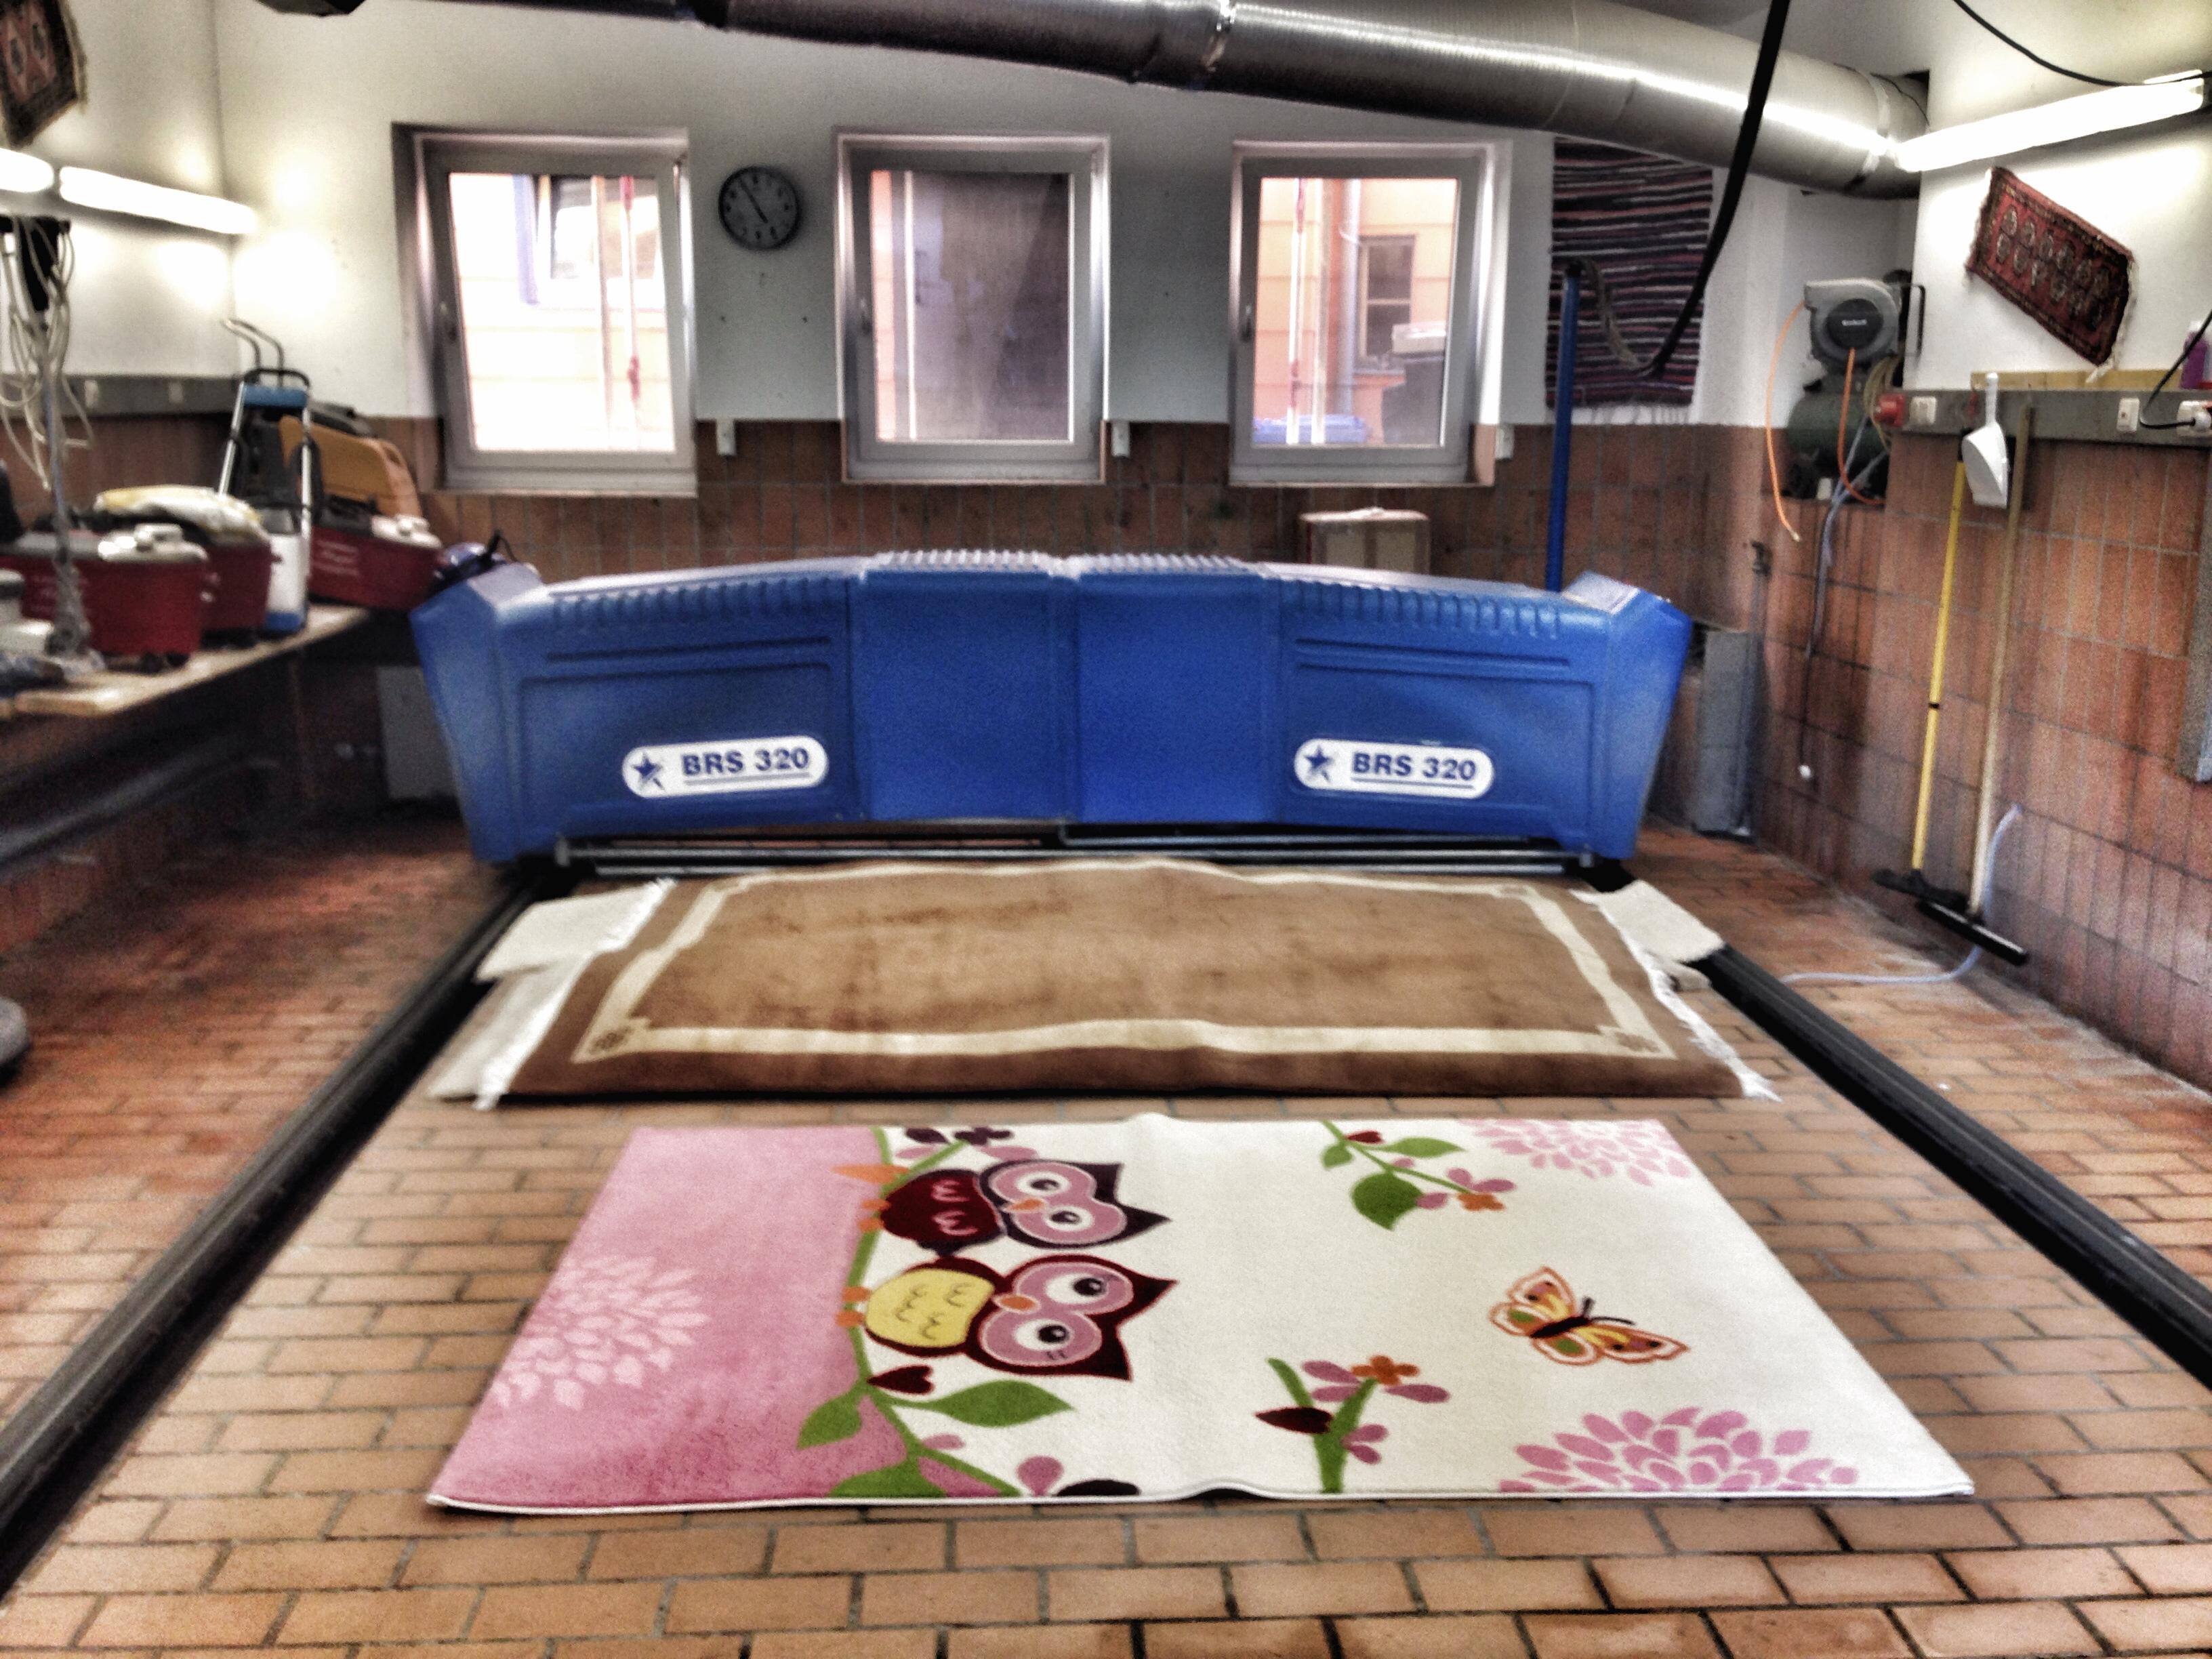 aladin teppichreinigung sb waschsalon textilreinigung und teppichreinigung. Black Bedroom Furniture Sets. Home Design Ideas